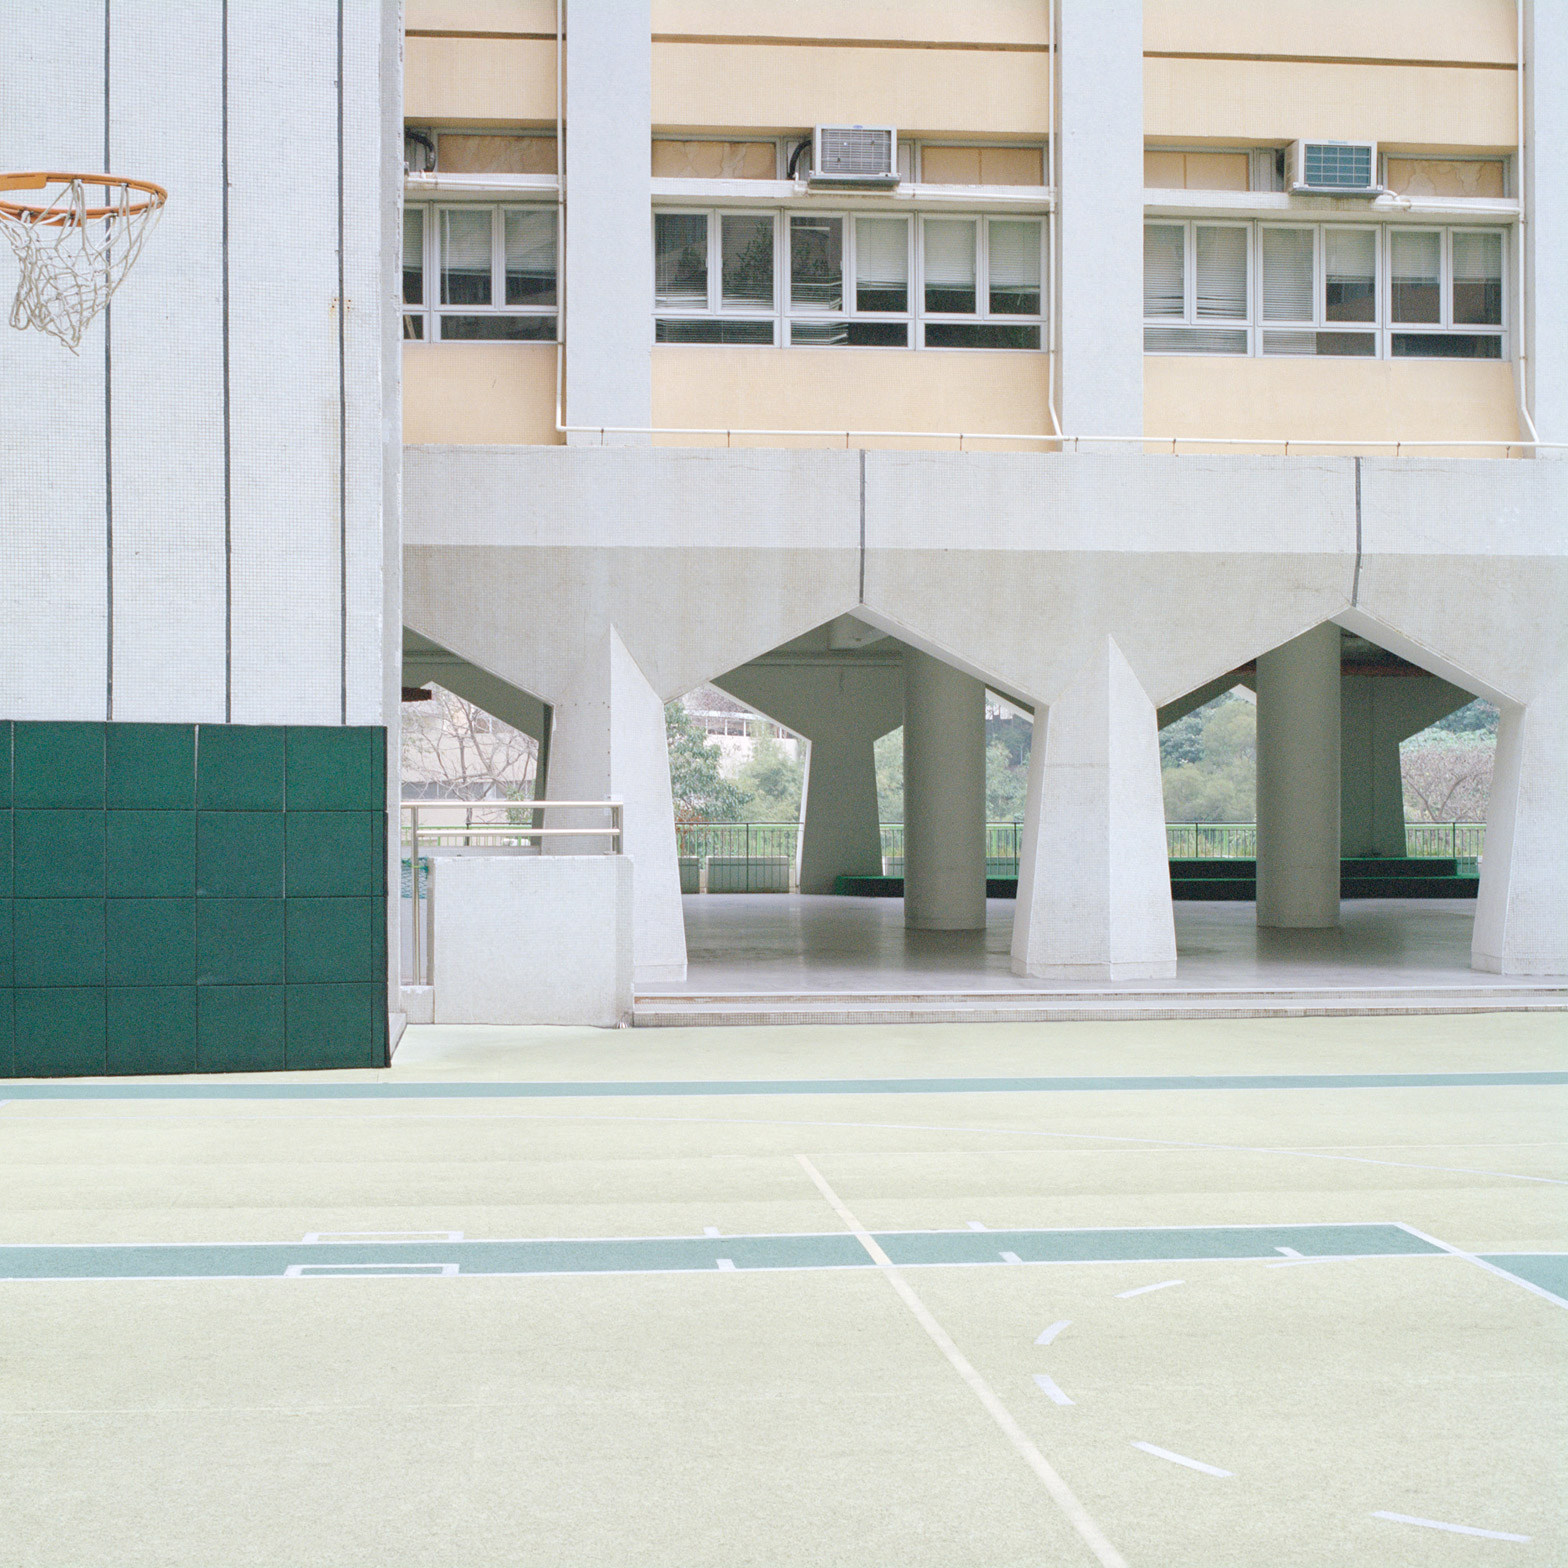 courts-by-ward-roberts_dezeen_1568_34.jpg